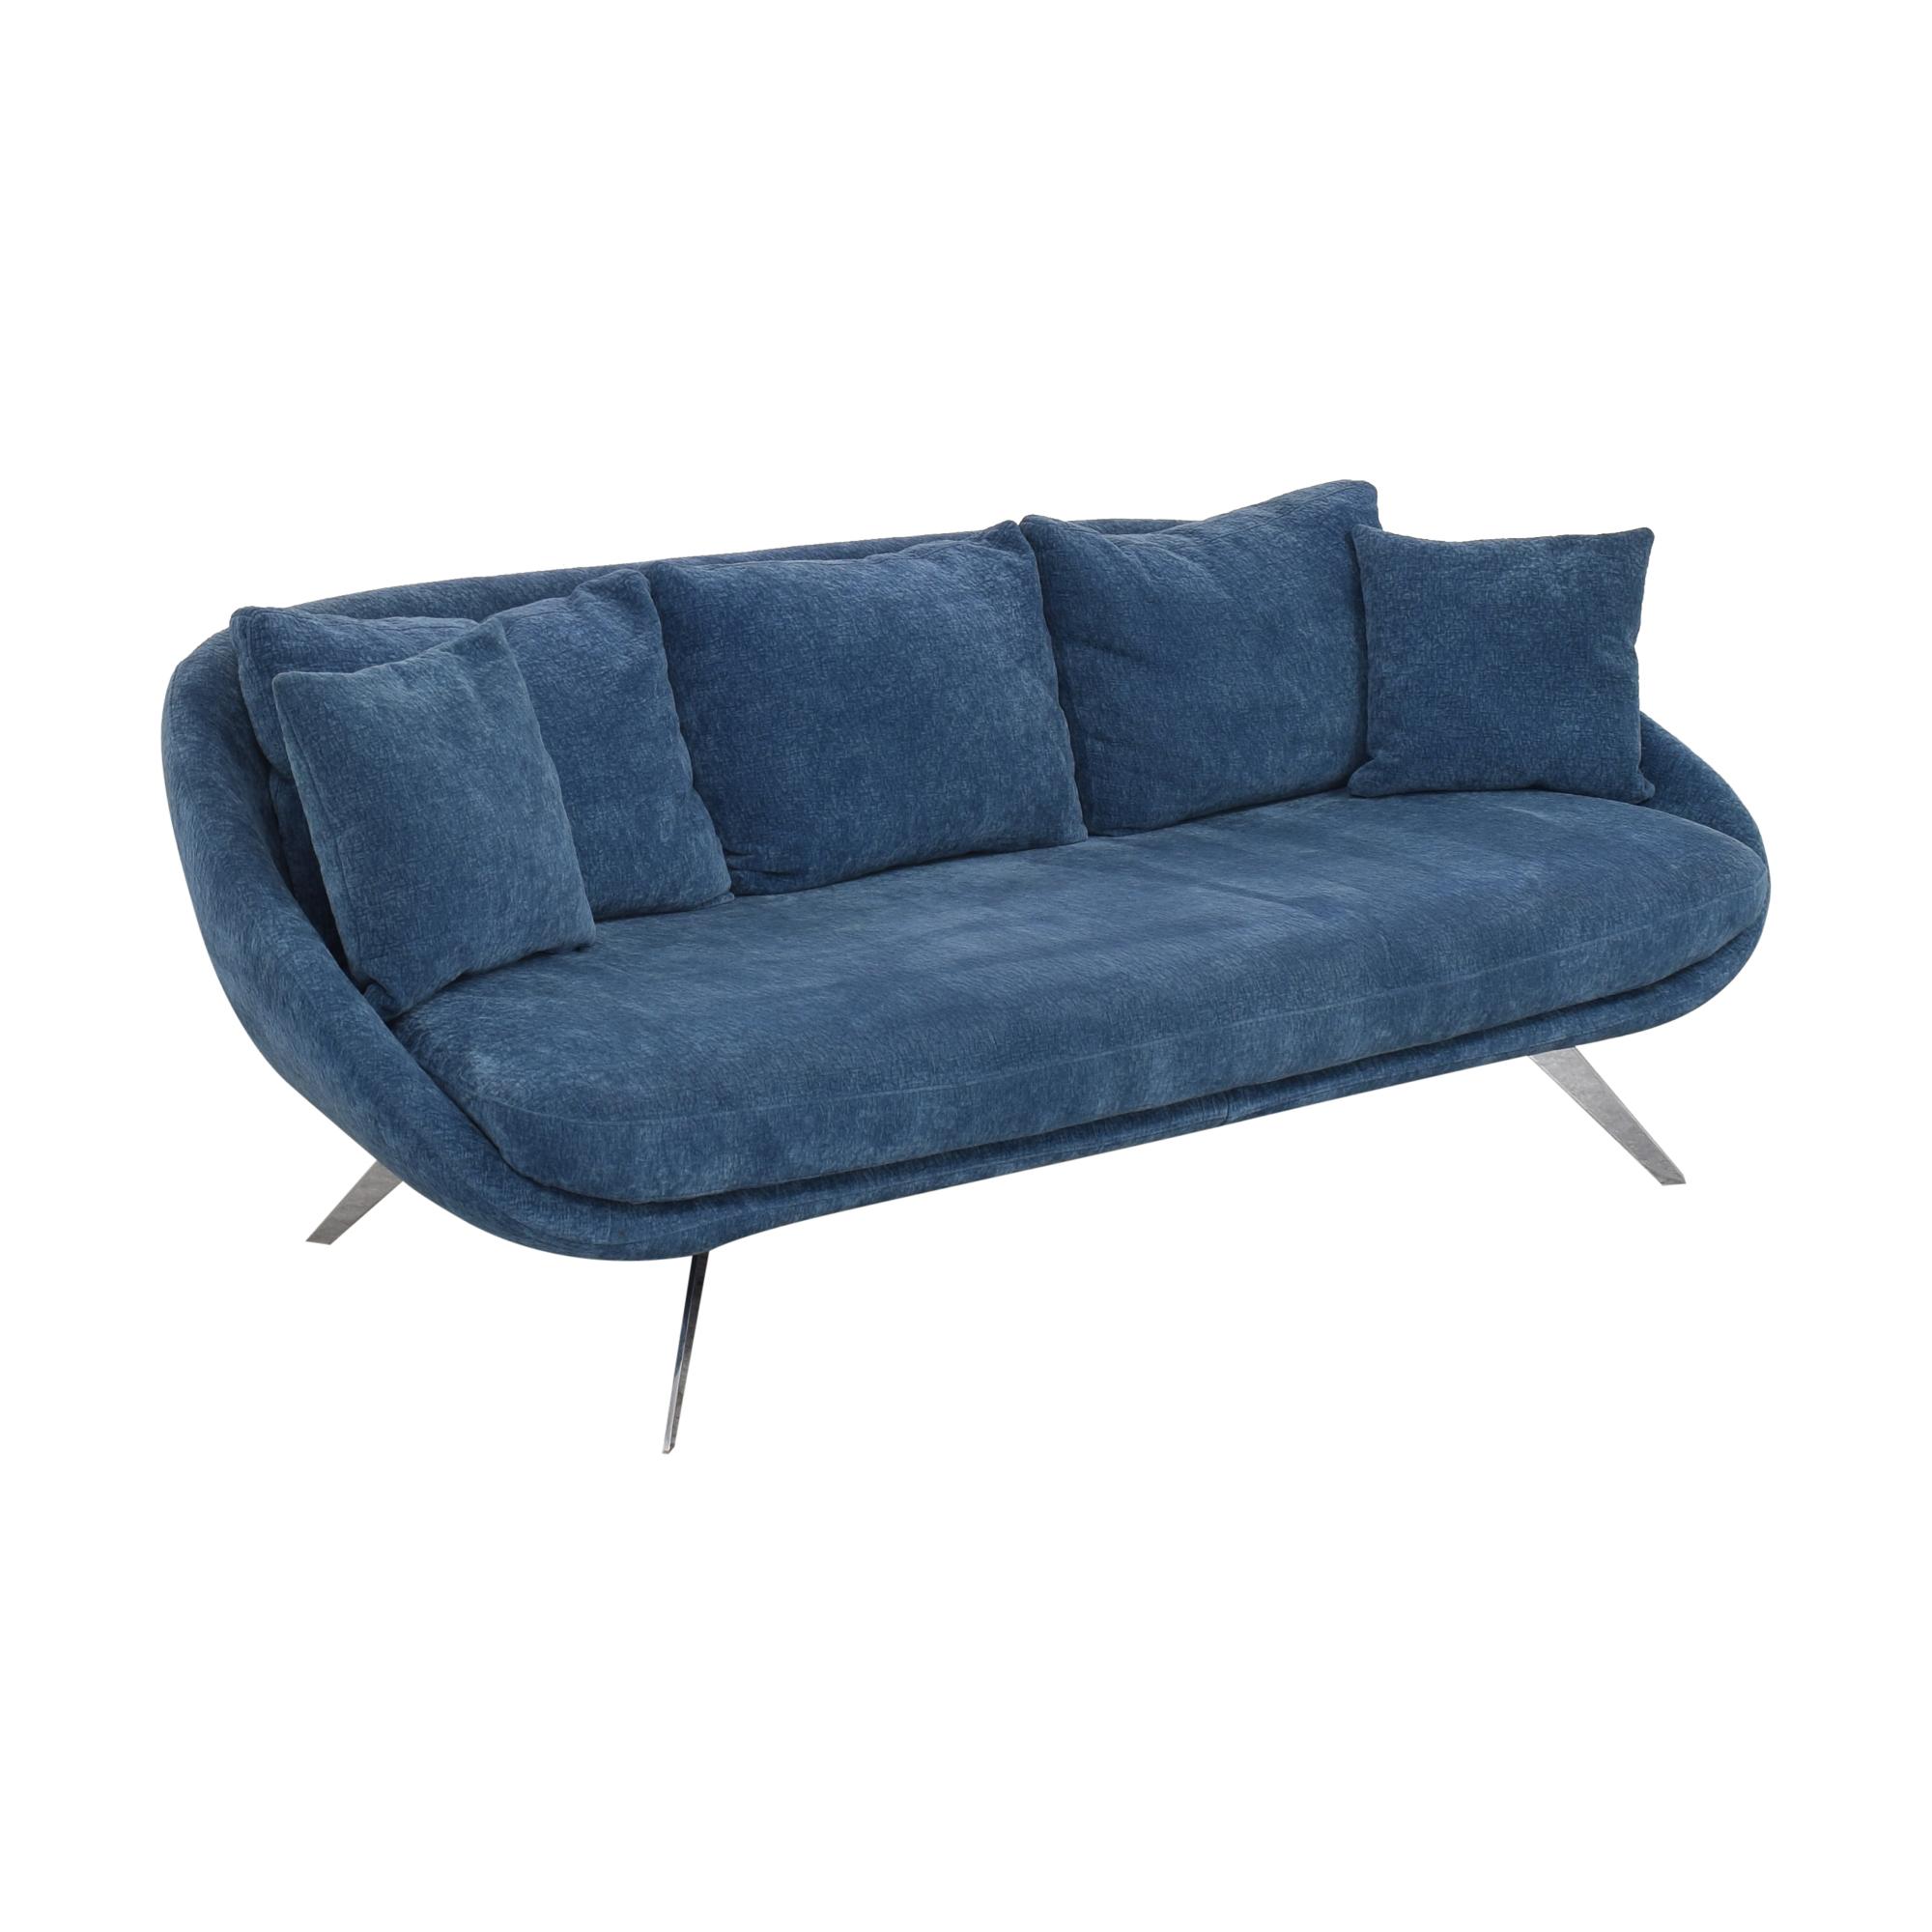 Bloomingdale's Amelie Sofa / Sofas